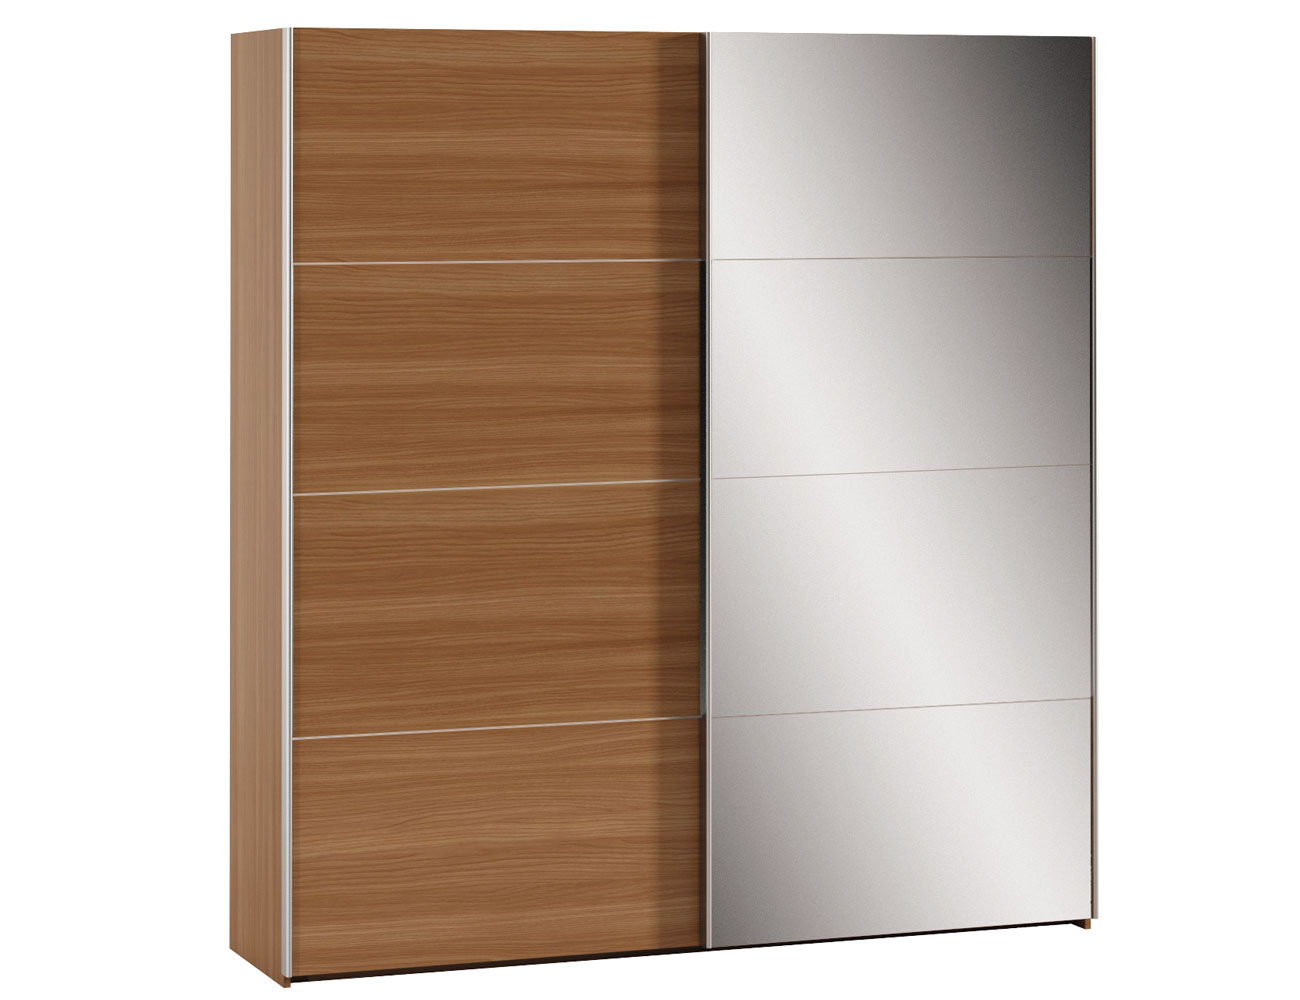 Dk 60 armario 2p correderas nogal espejo1